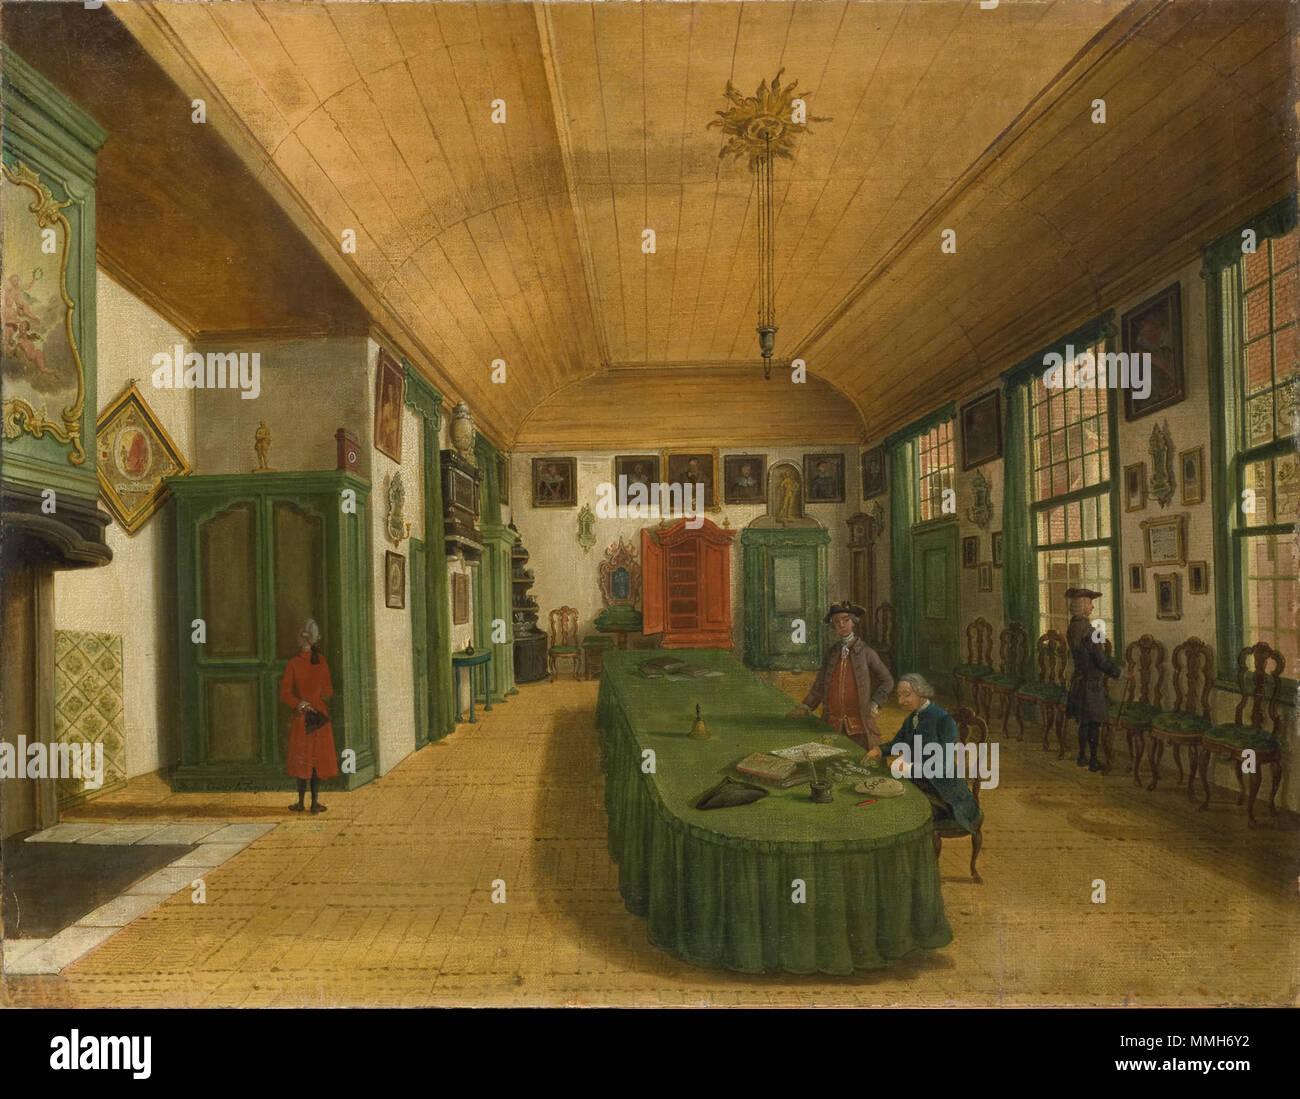 https://c8.alamy.com/comp/MMH6Y2/nederlands-interieur-van-de-zaal-van-het-genootschap-kunst-wordt-door-arbeid-verkregen-te-leiden-english-interior-of-the-hall-of-the-leiden-society-kunst-wordt-door-arbeid-verkregen-art-is-acquired-by-labour-1780-fargue-paulus-constantijn-la-interieur-van-de-zaal-van-het-genootschap-kunst-wordt-door-arbeid-verkregen-te-leiden-MMH6Y2.jpg